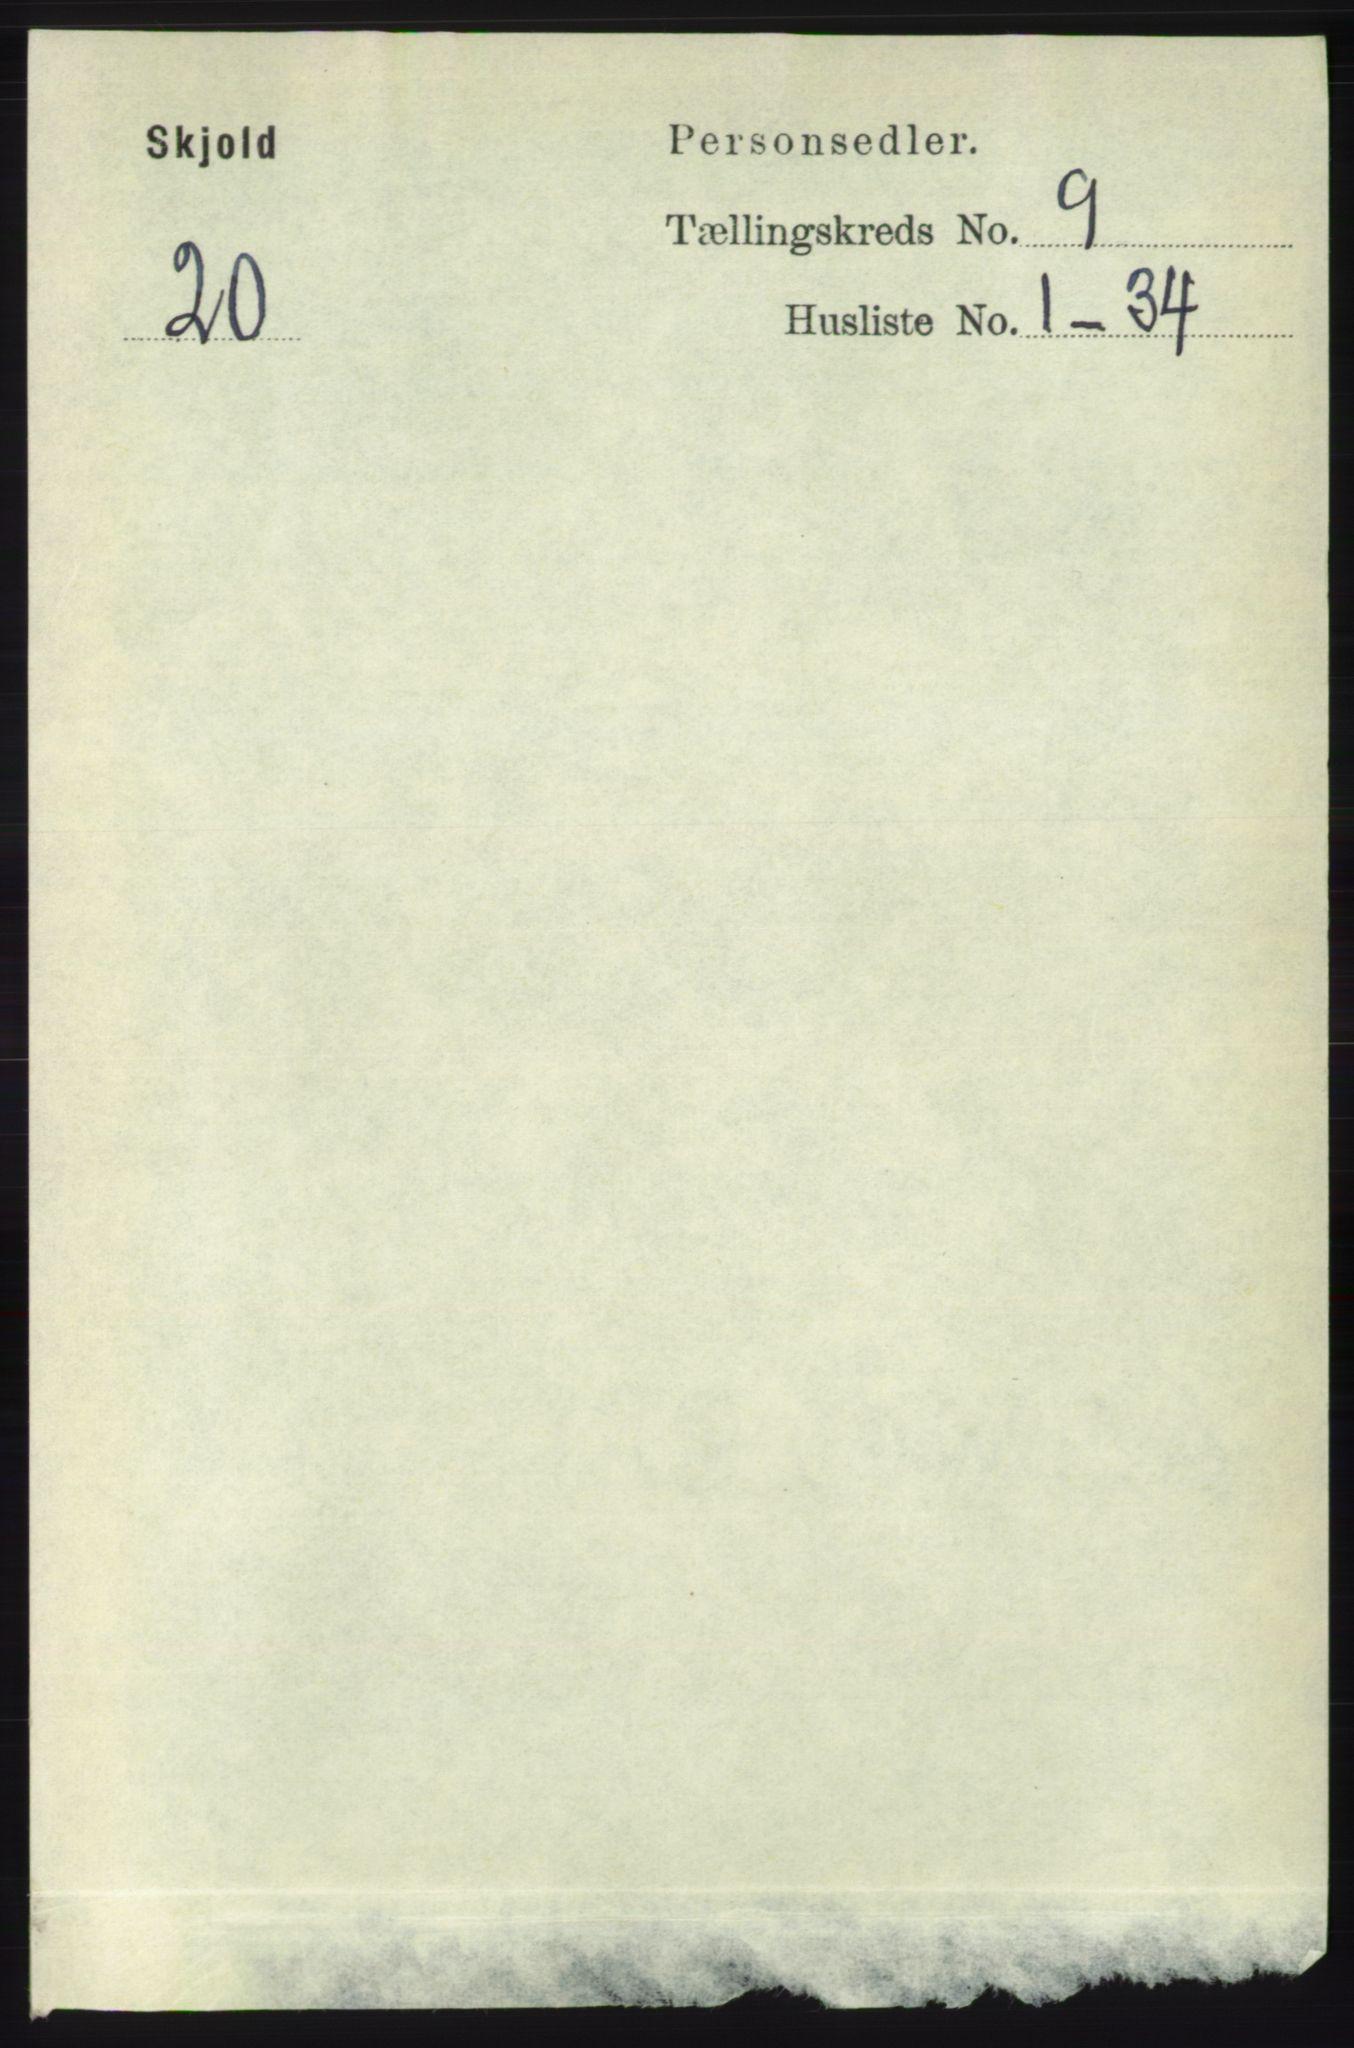 RA, Folketelling 1891 for 1154 Skjold herred, 1891, s. 1782